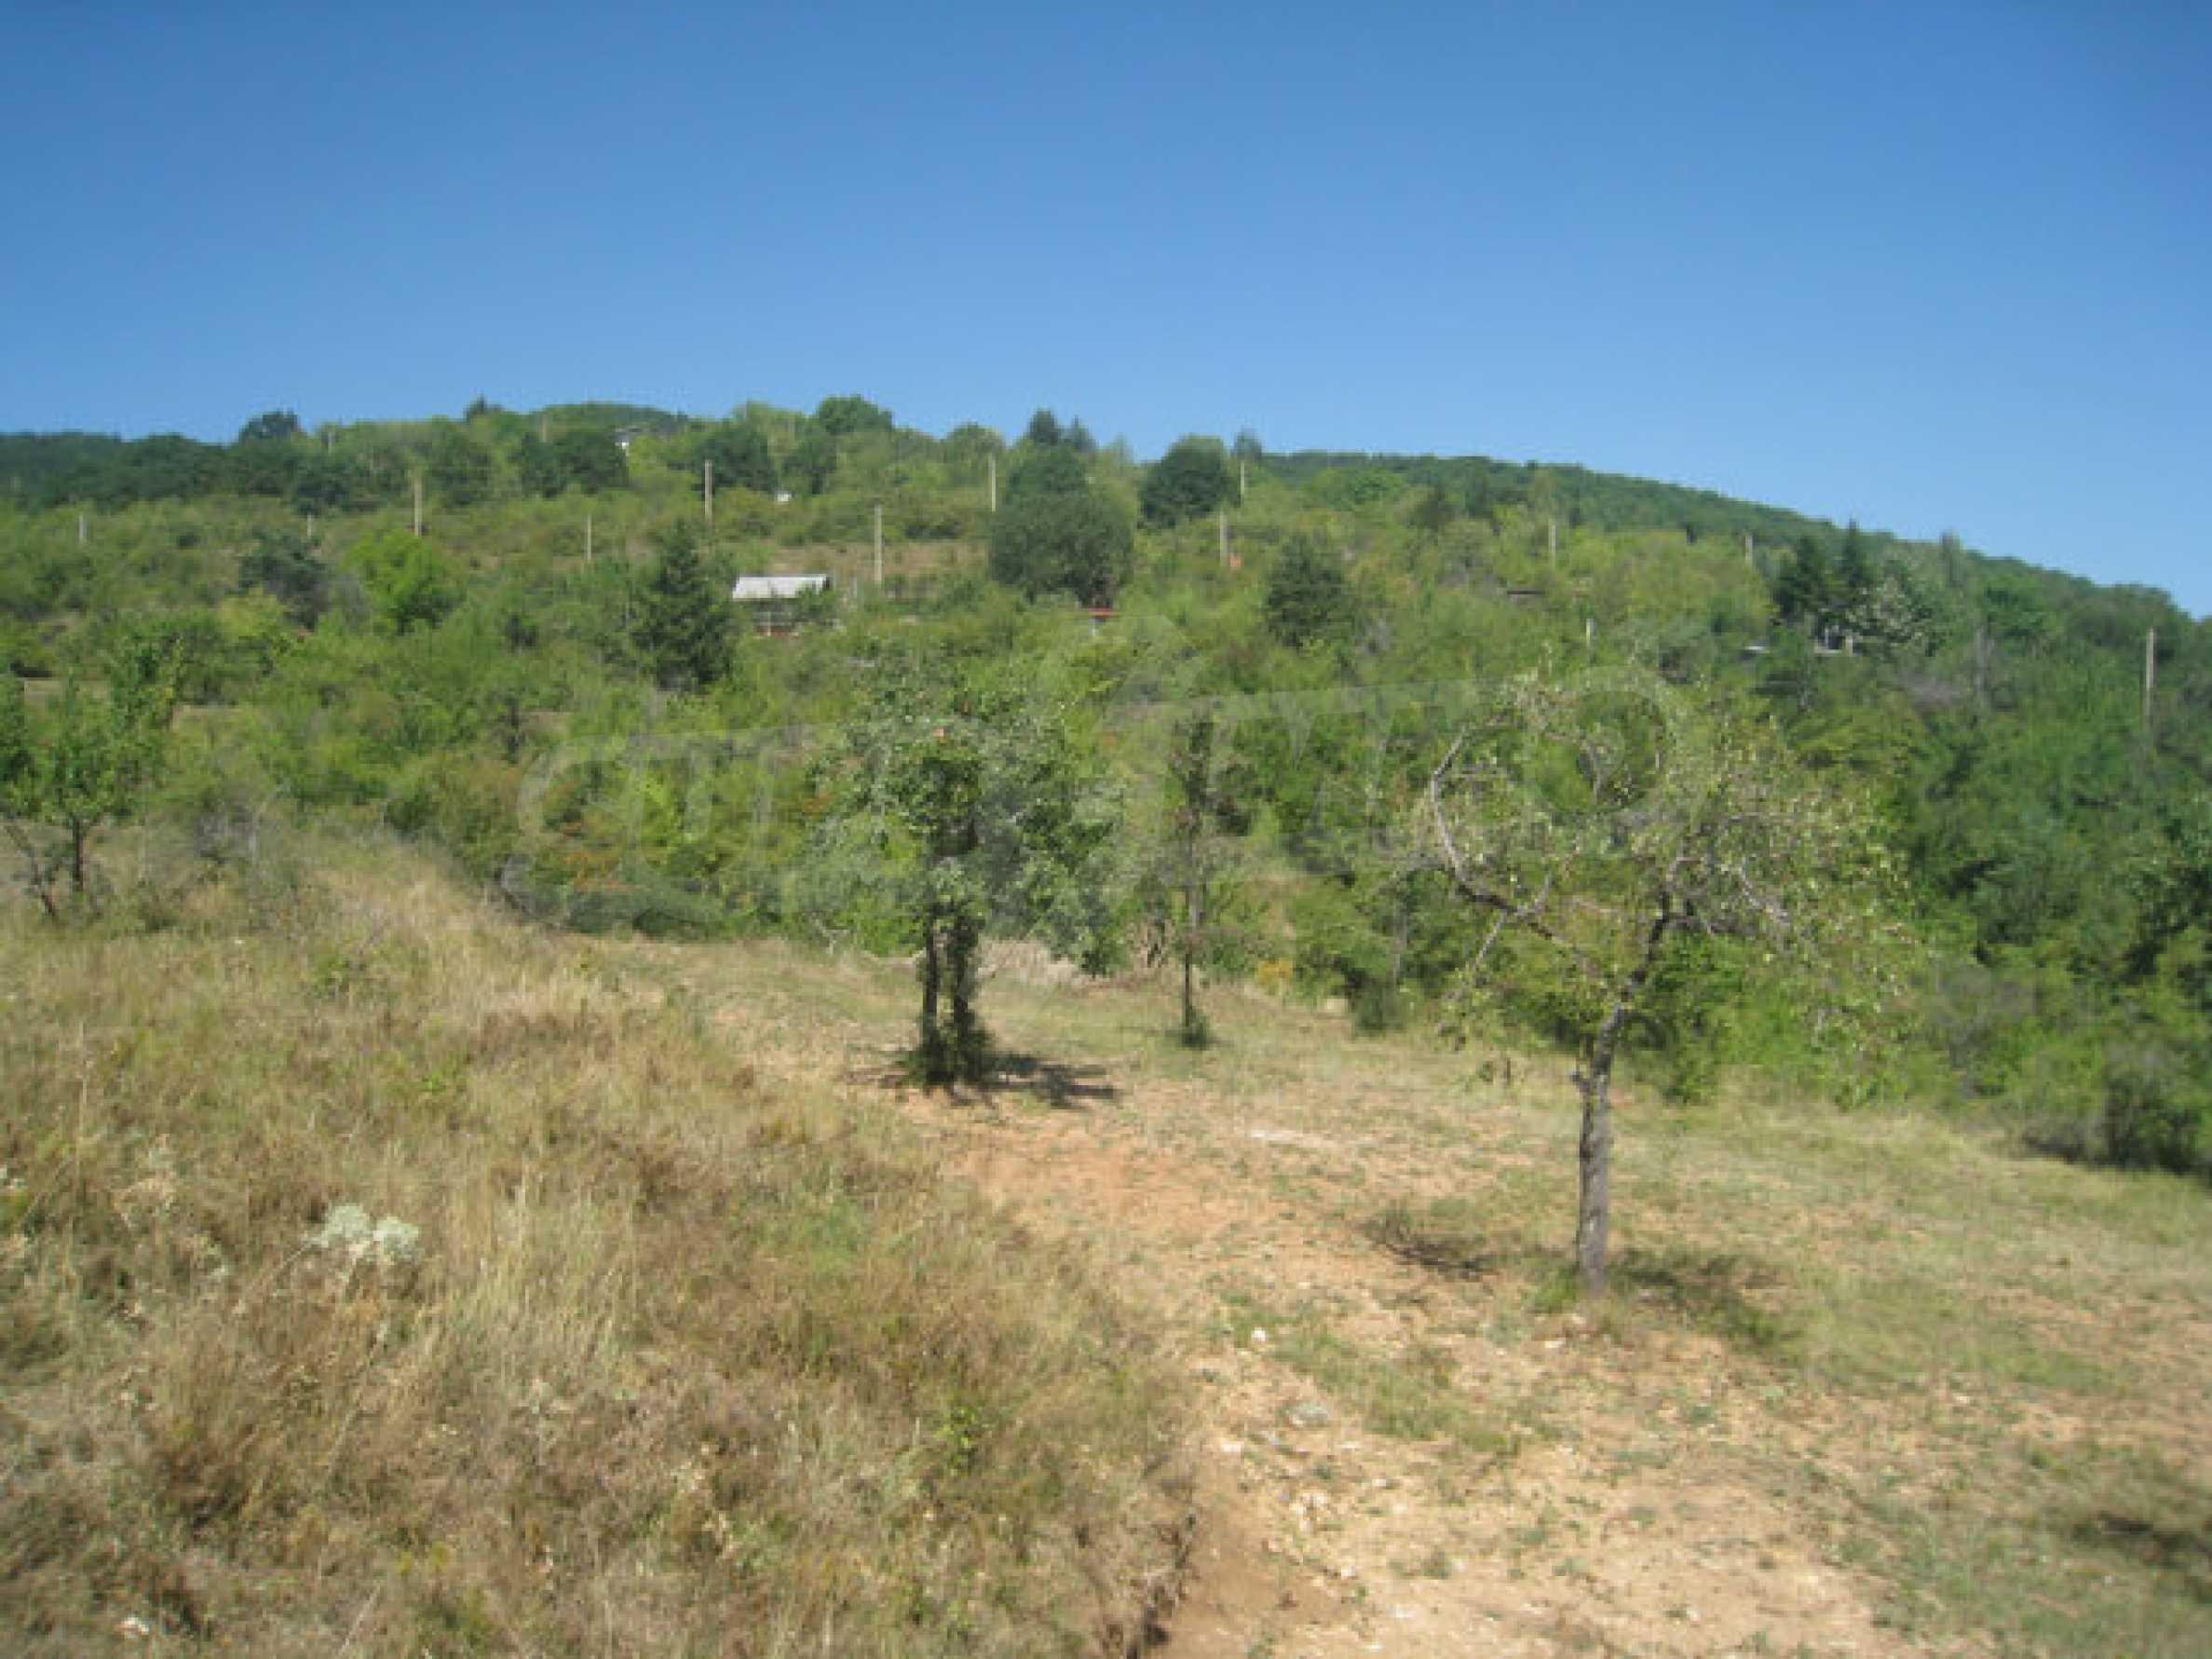 Geregeltes Grundstück in einer Villenzone in einem Dorf in der Nähe von Sofia